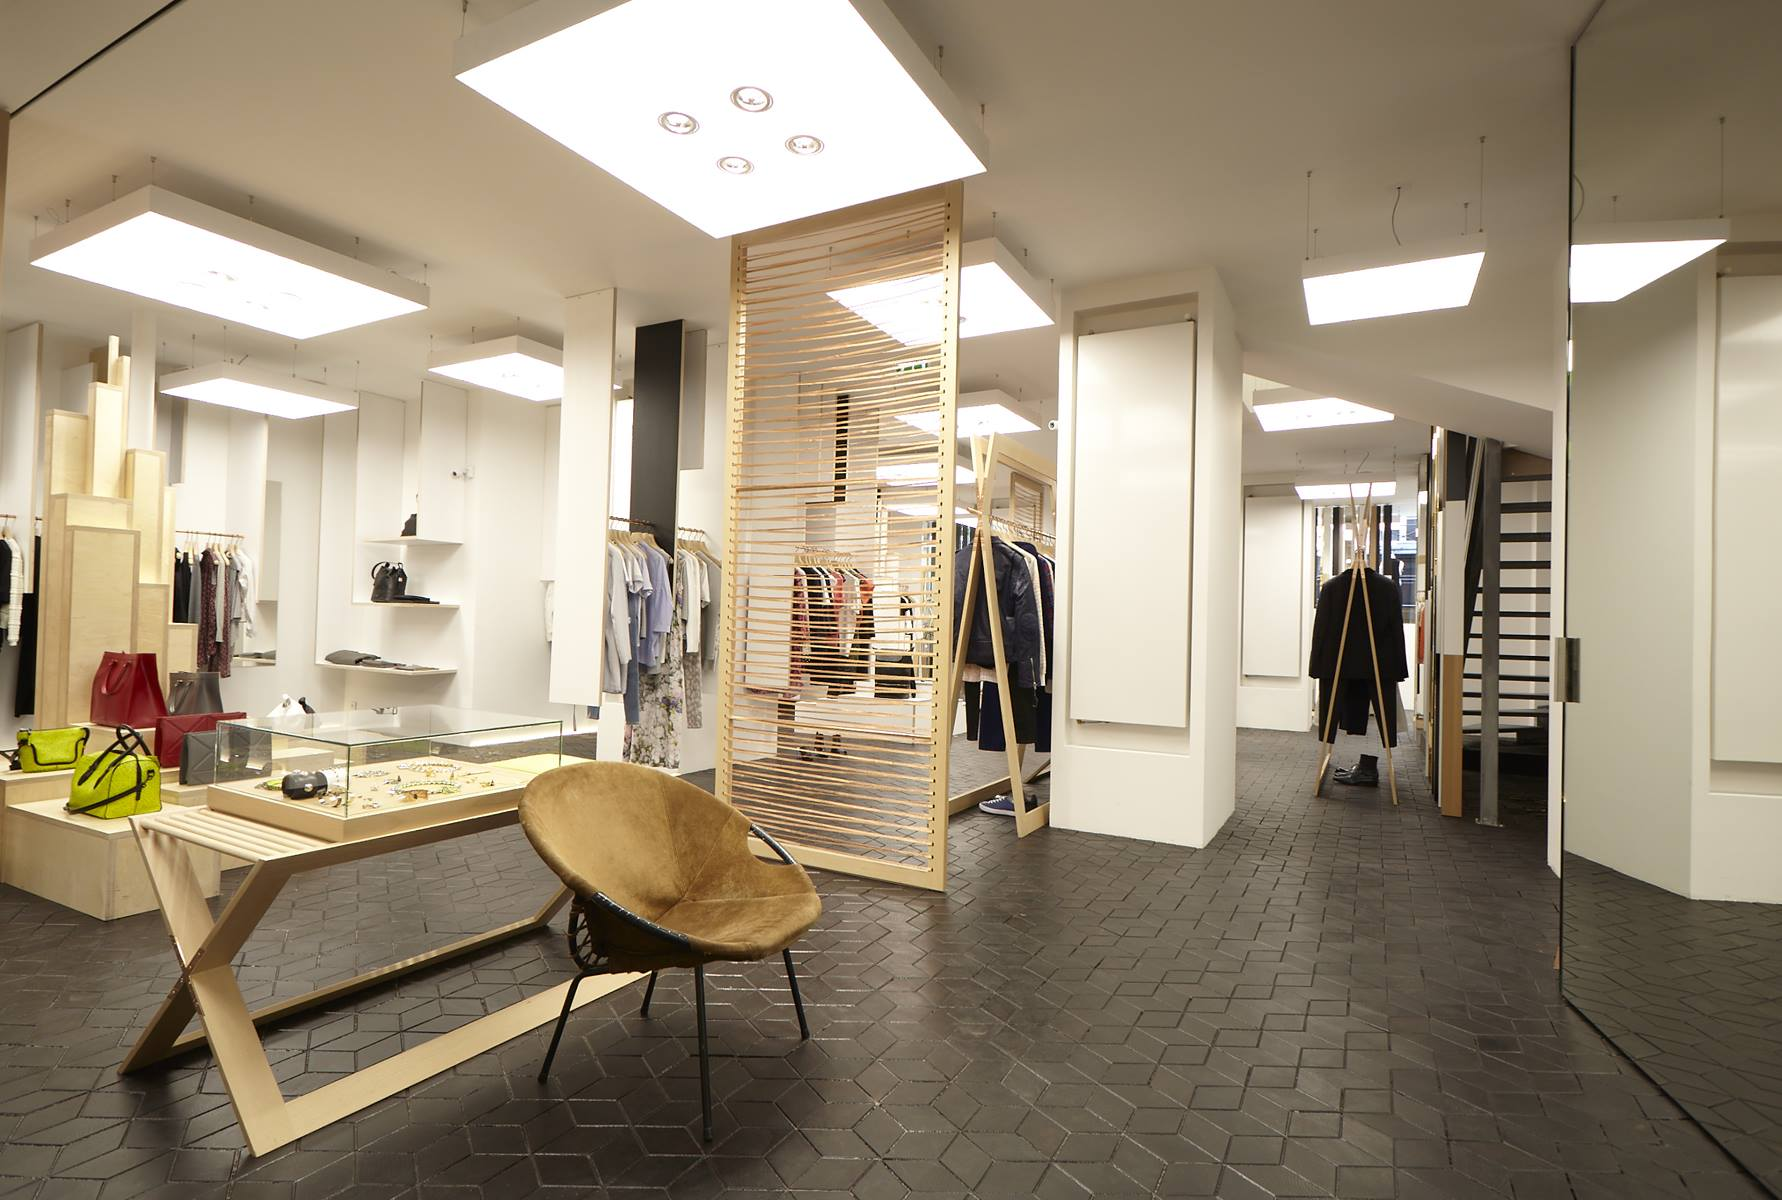 ameliemorinbernat.com retail conceptsore mobilier tripli cuivre bois debout carré LED